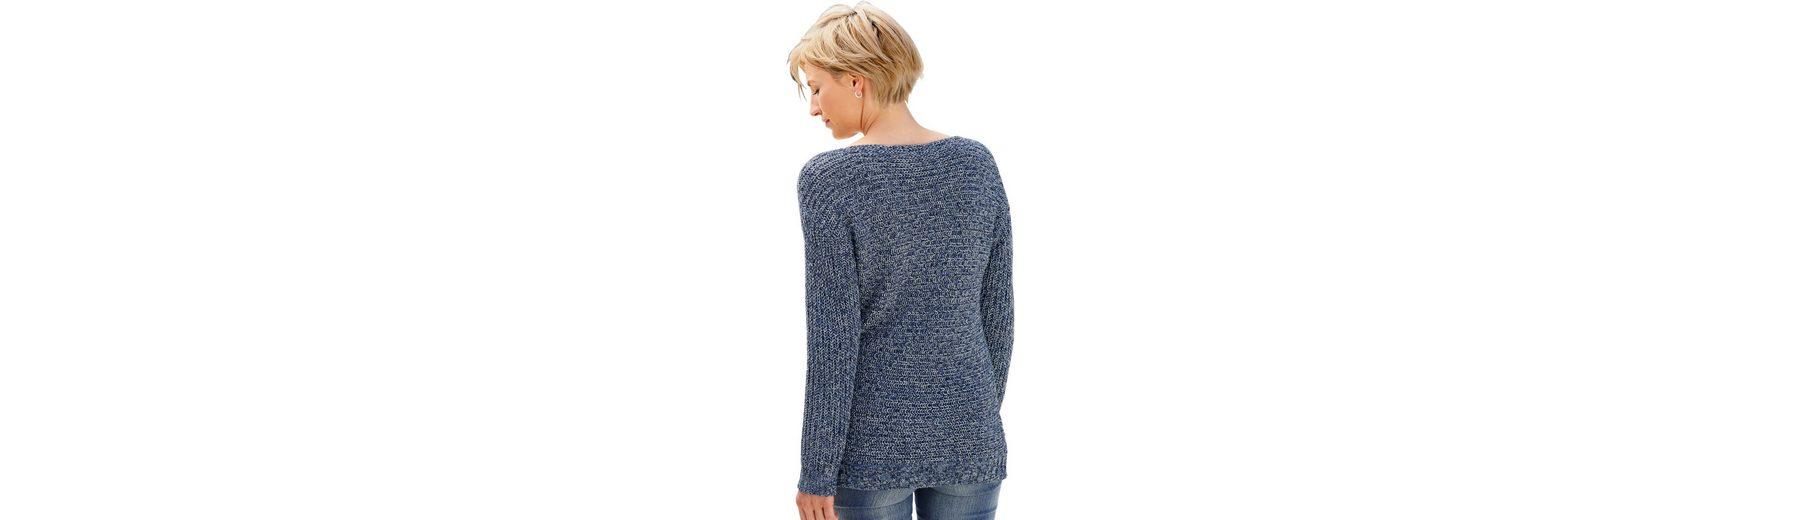 Collection L. Pullover aus weichem Melangegarn Auslass Extrem Billig Verkaufen Mode Große Überraschung Online Billig Perfekt TYHgKECeuL